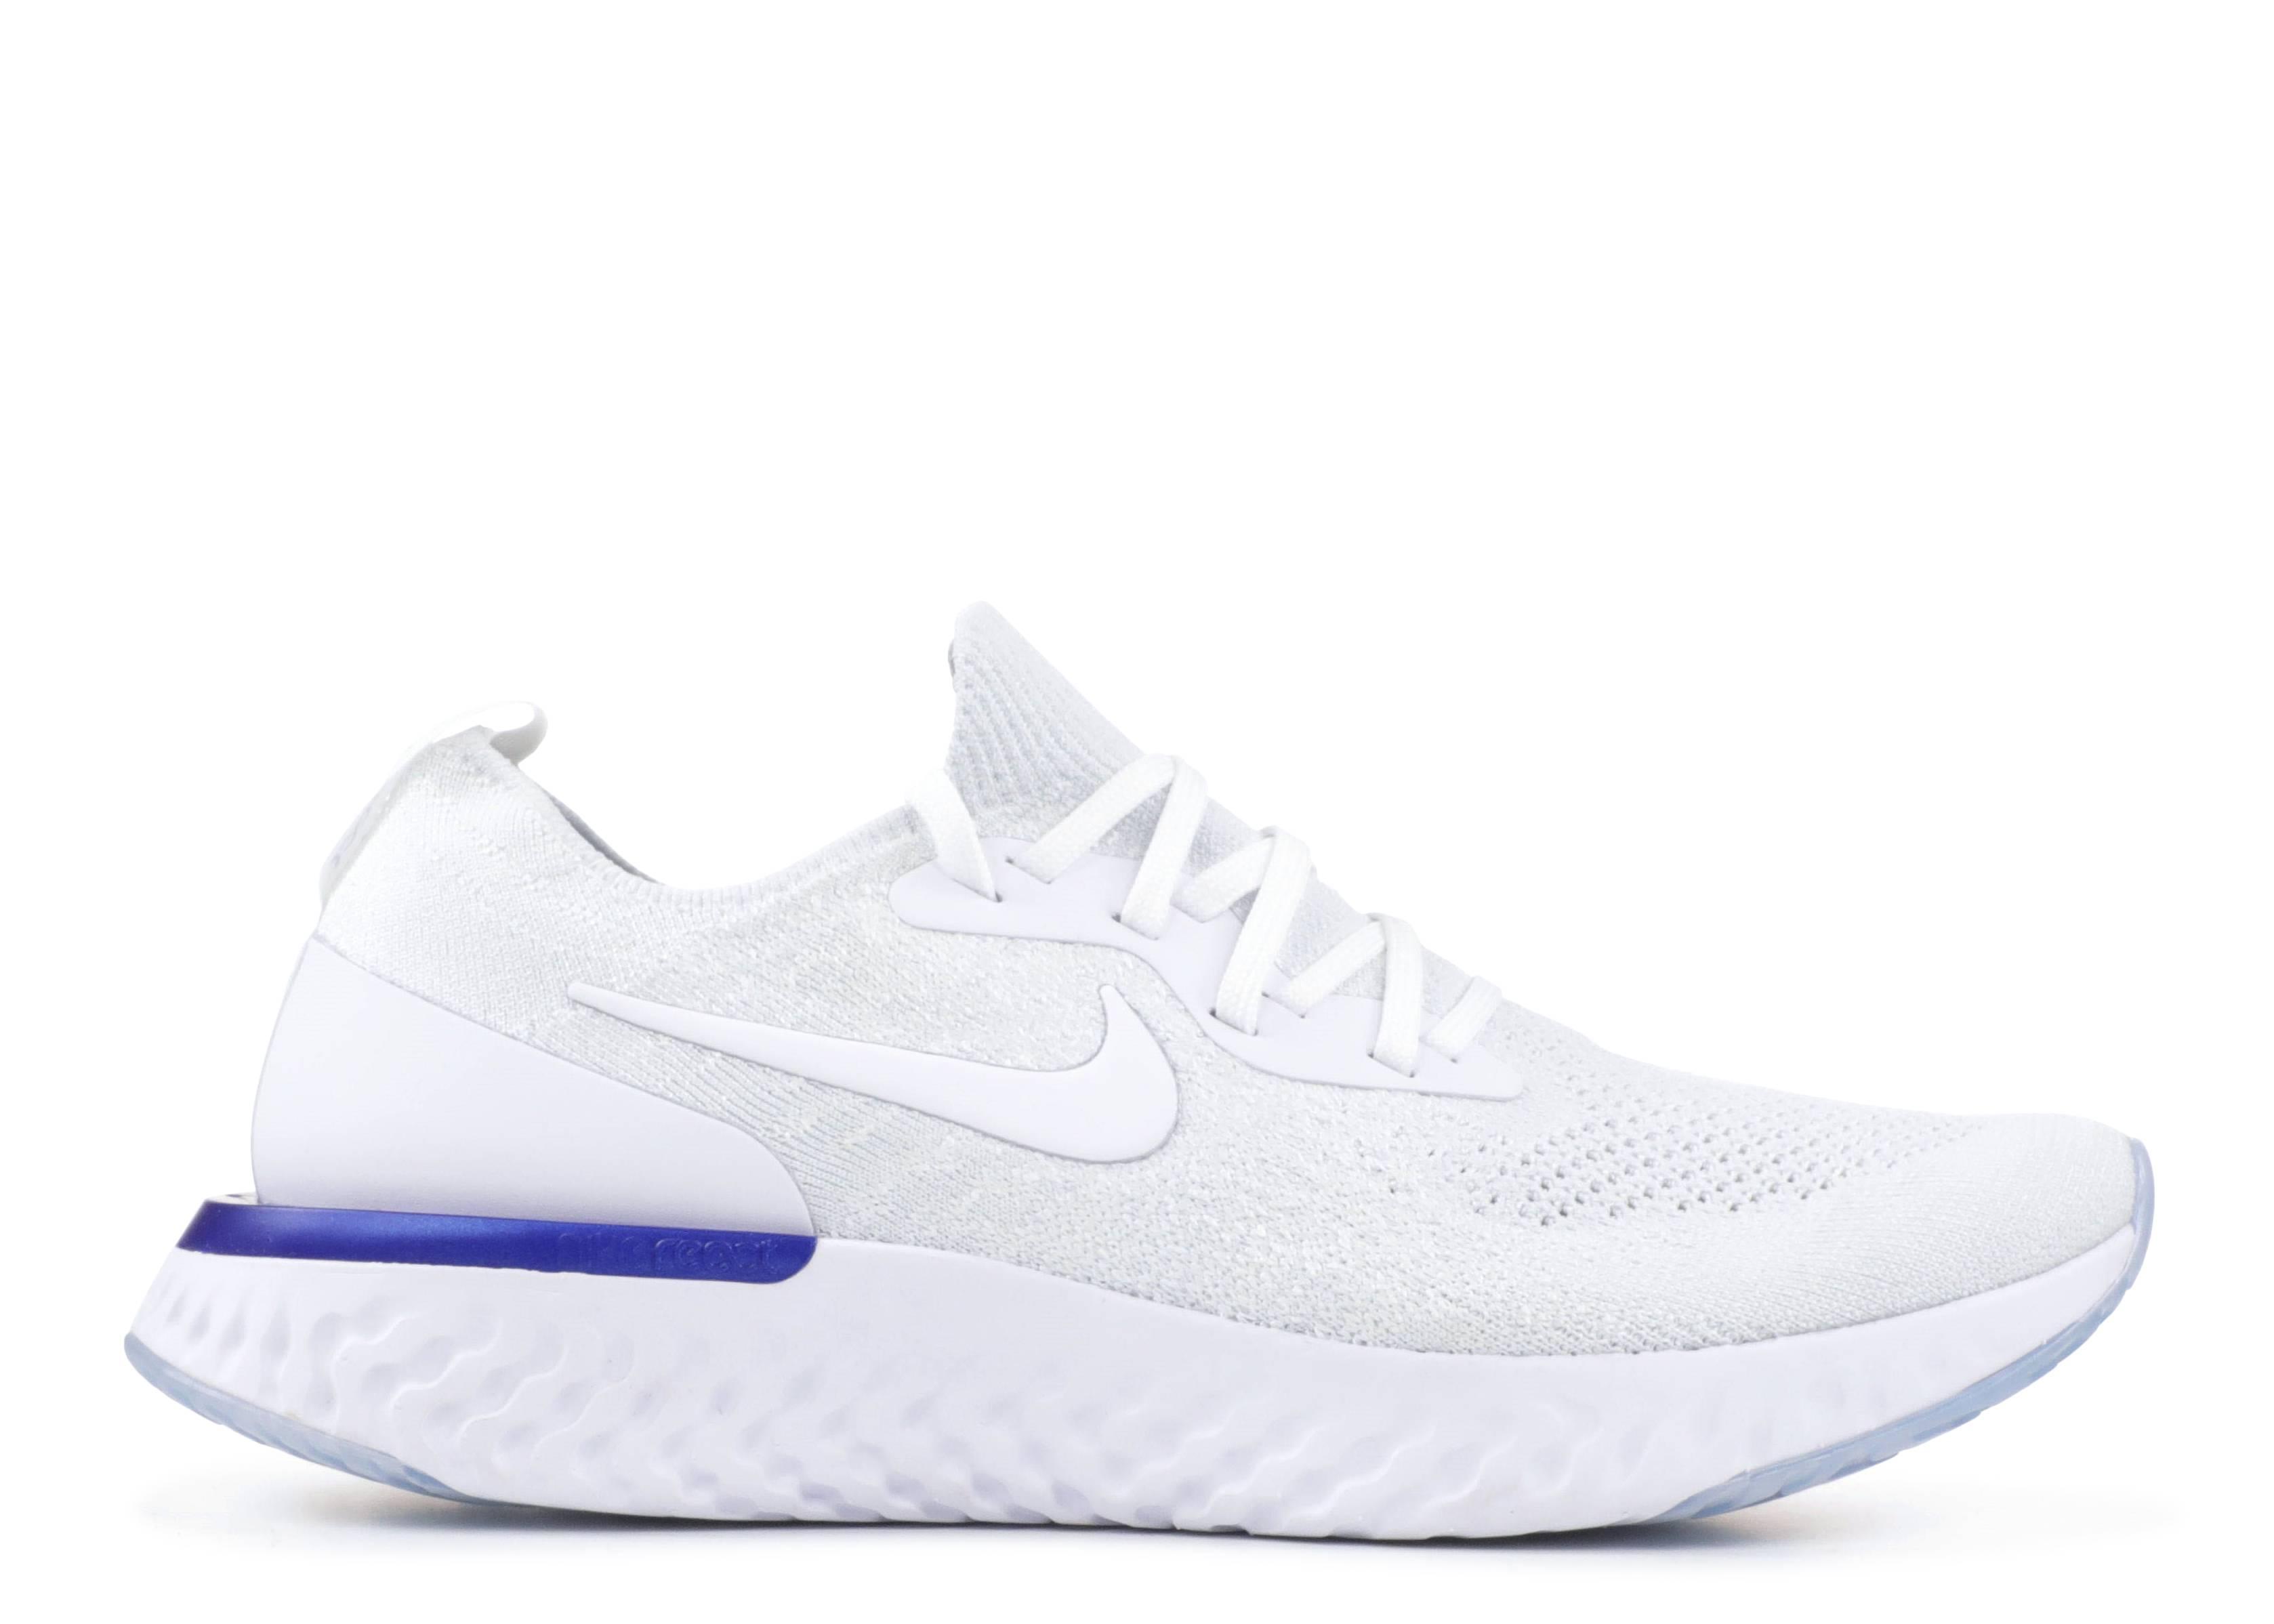 c11a4f512bb7 Nike Epic React Flyknit - Nike - aq0067 100 - white white-racer blue ...